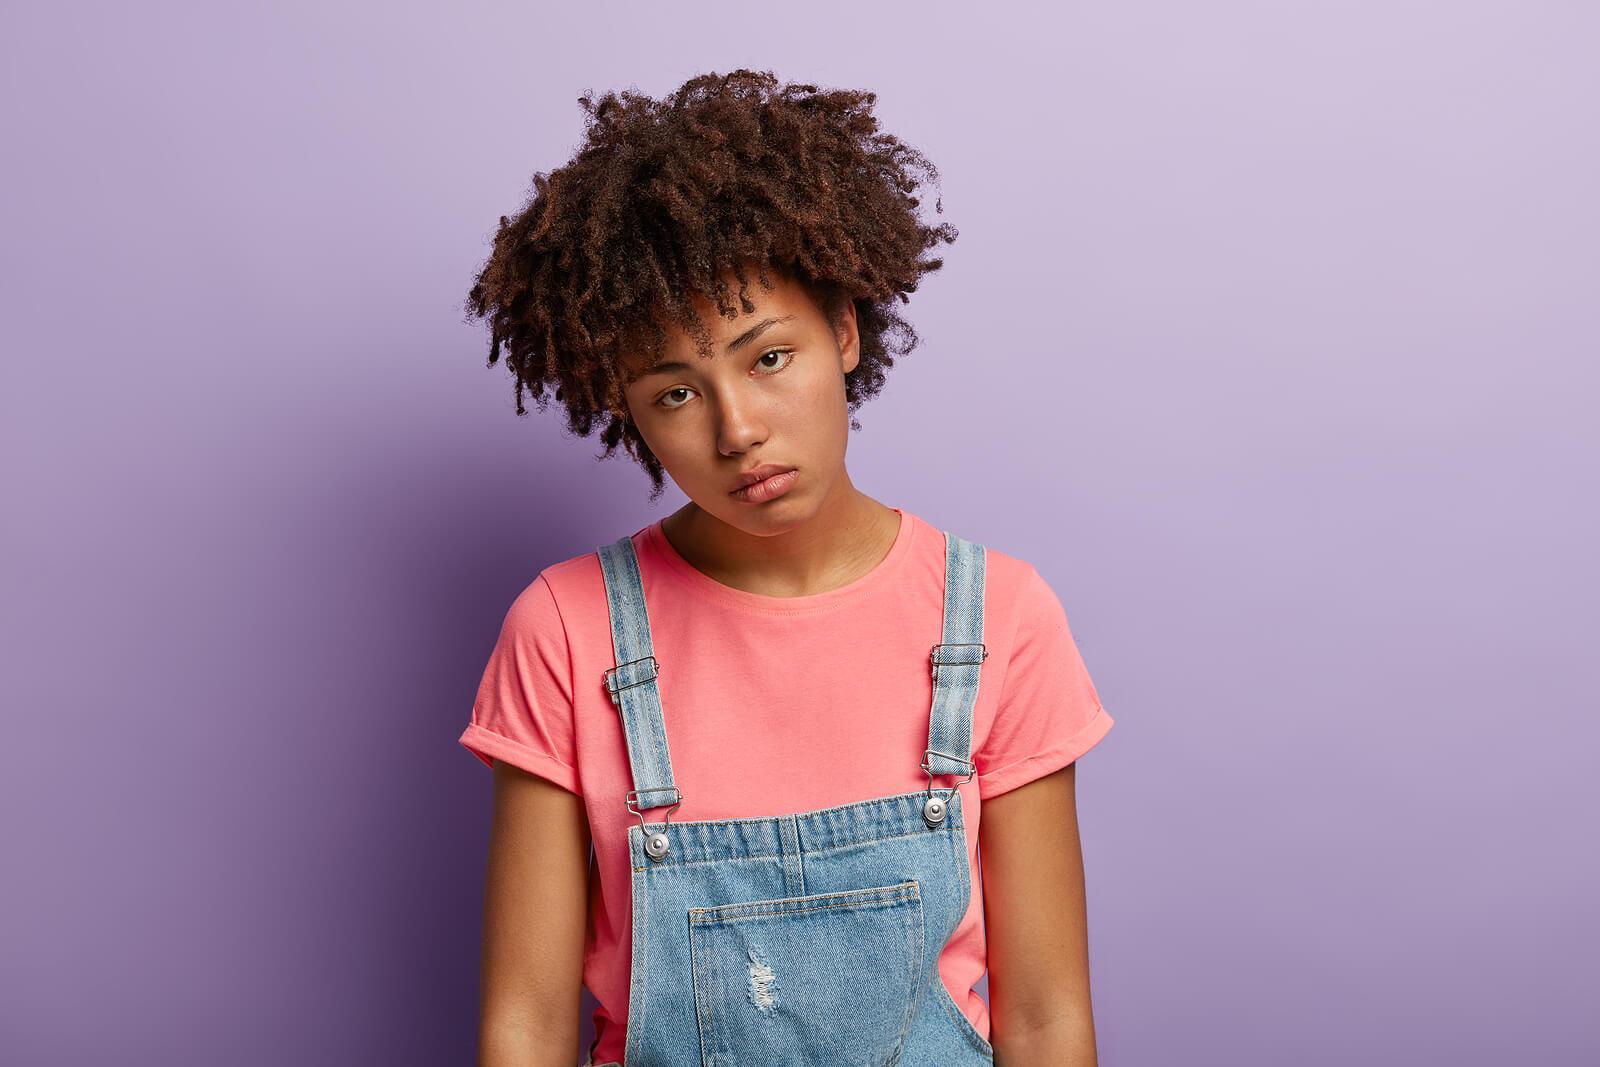 Chica adolescente triste con deudas emocionales.